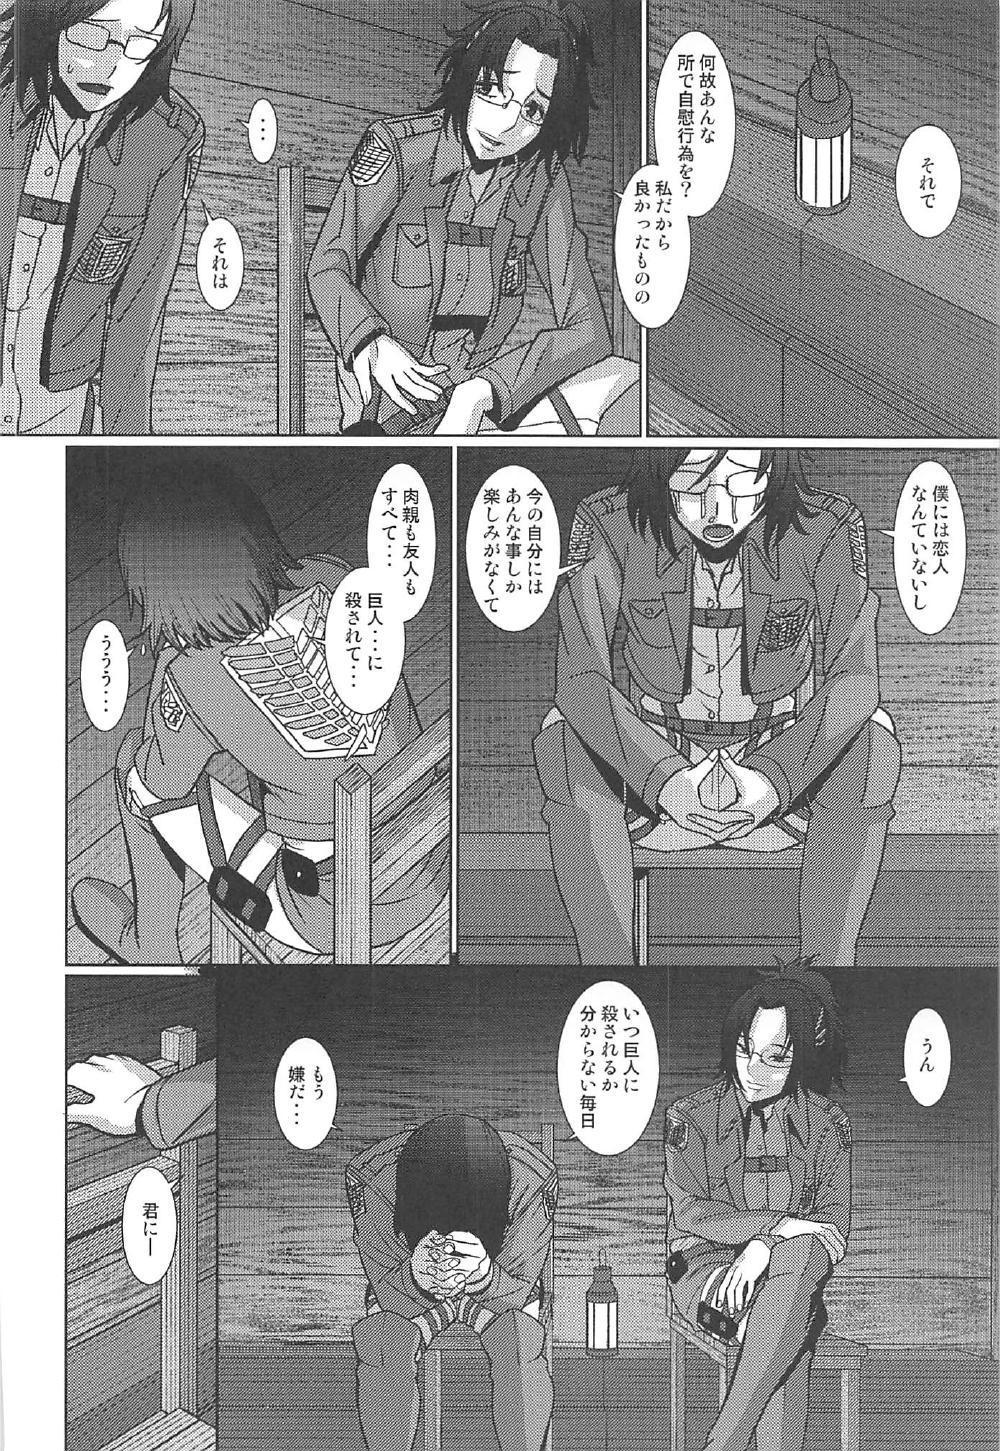 Buntaichou to Boku no Yoru 2